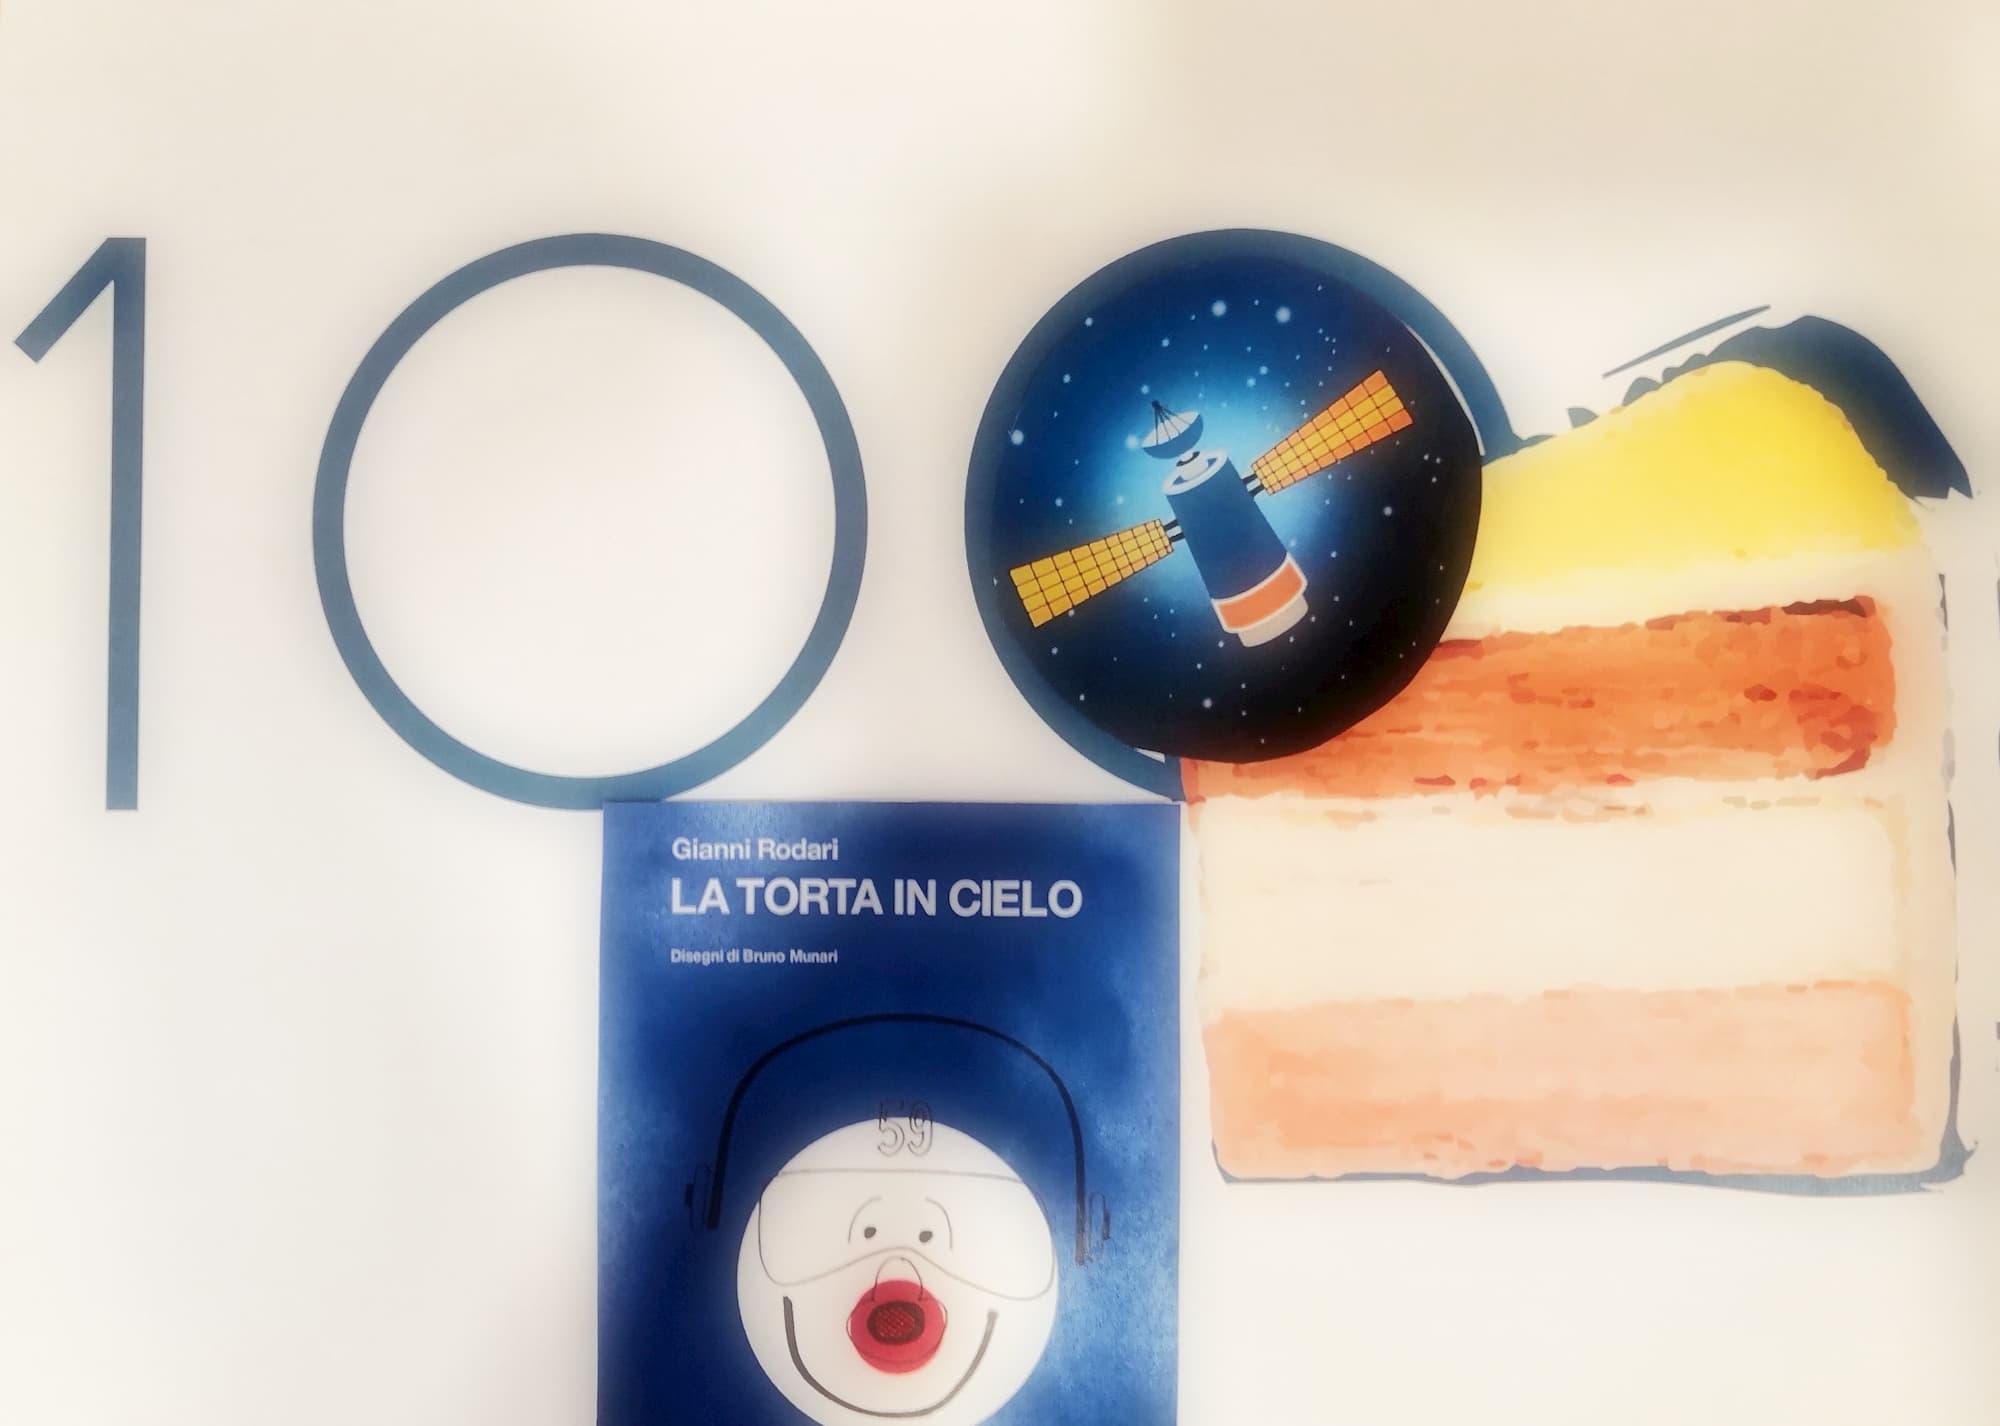 Un laboratorio per festeggiare con astronavi a forma di torta il centenario di Gianni Rodari e riscoprire l'ironia fantasiosa di La Torta in cielo, un romanzo rocambolesco dedicato ai più piccoli.